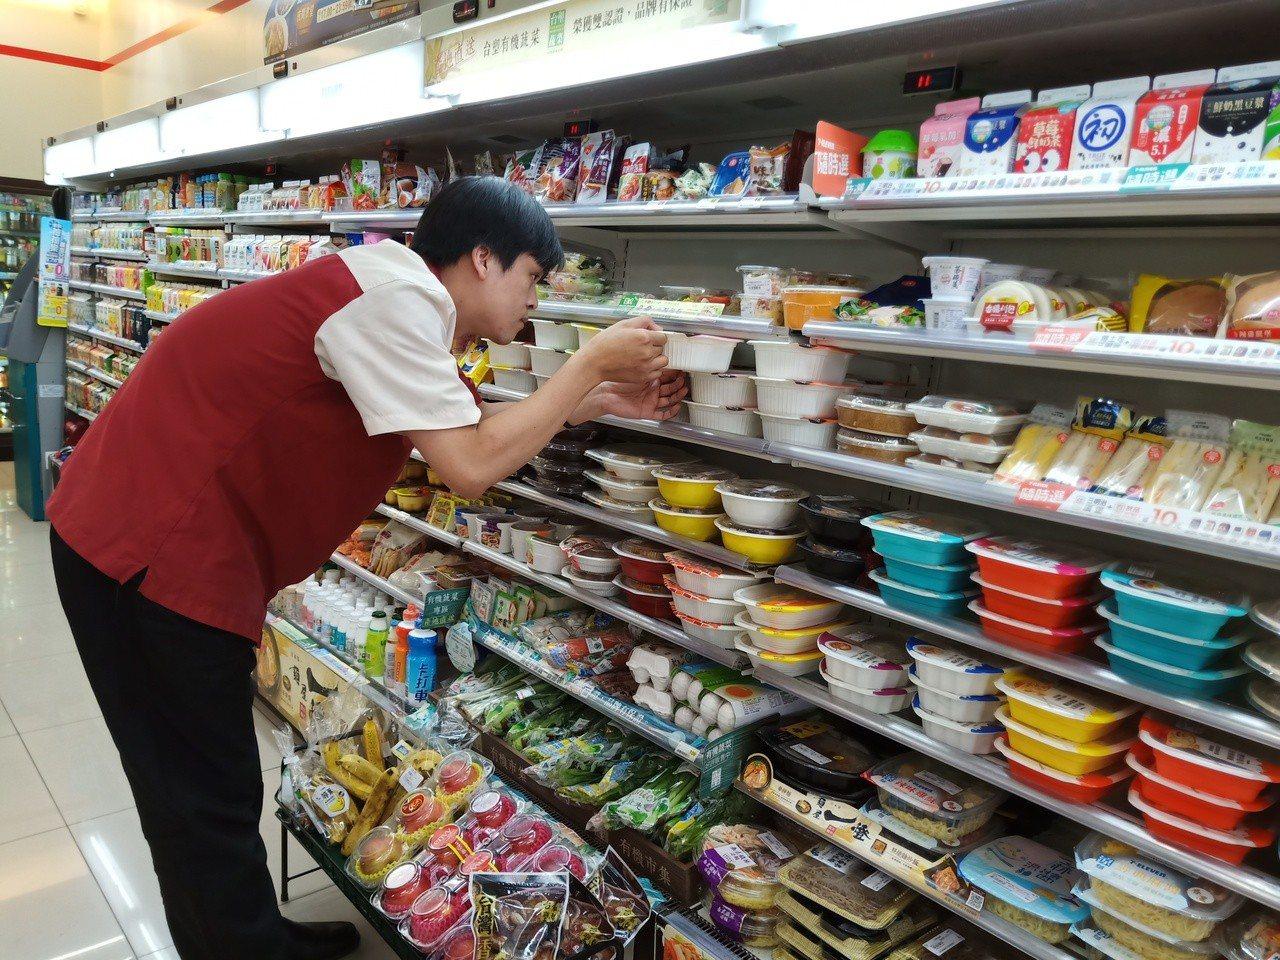 7-ELEVEN門市颱風備戰,增加食品備貨量。圖/7-ELEVEN提供